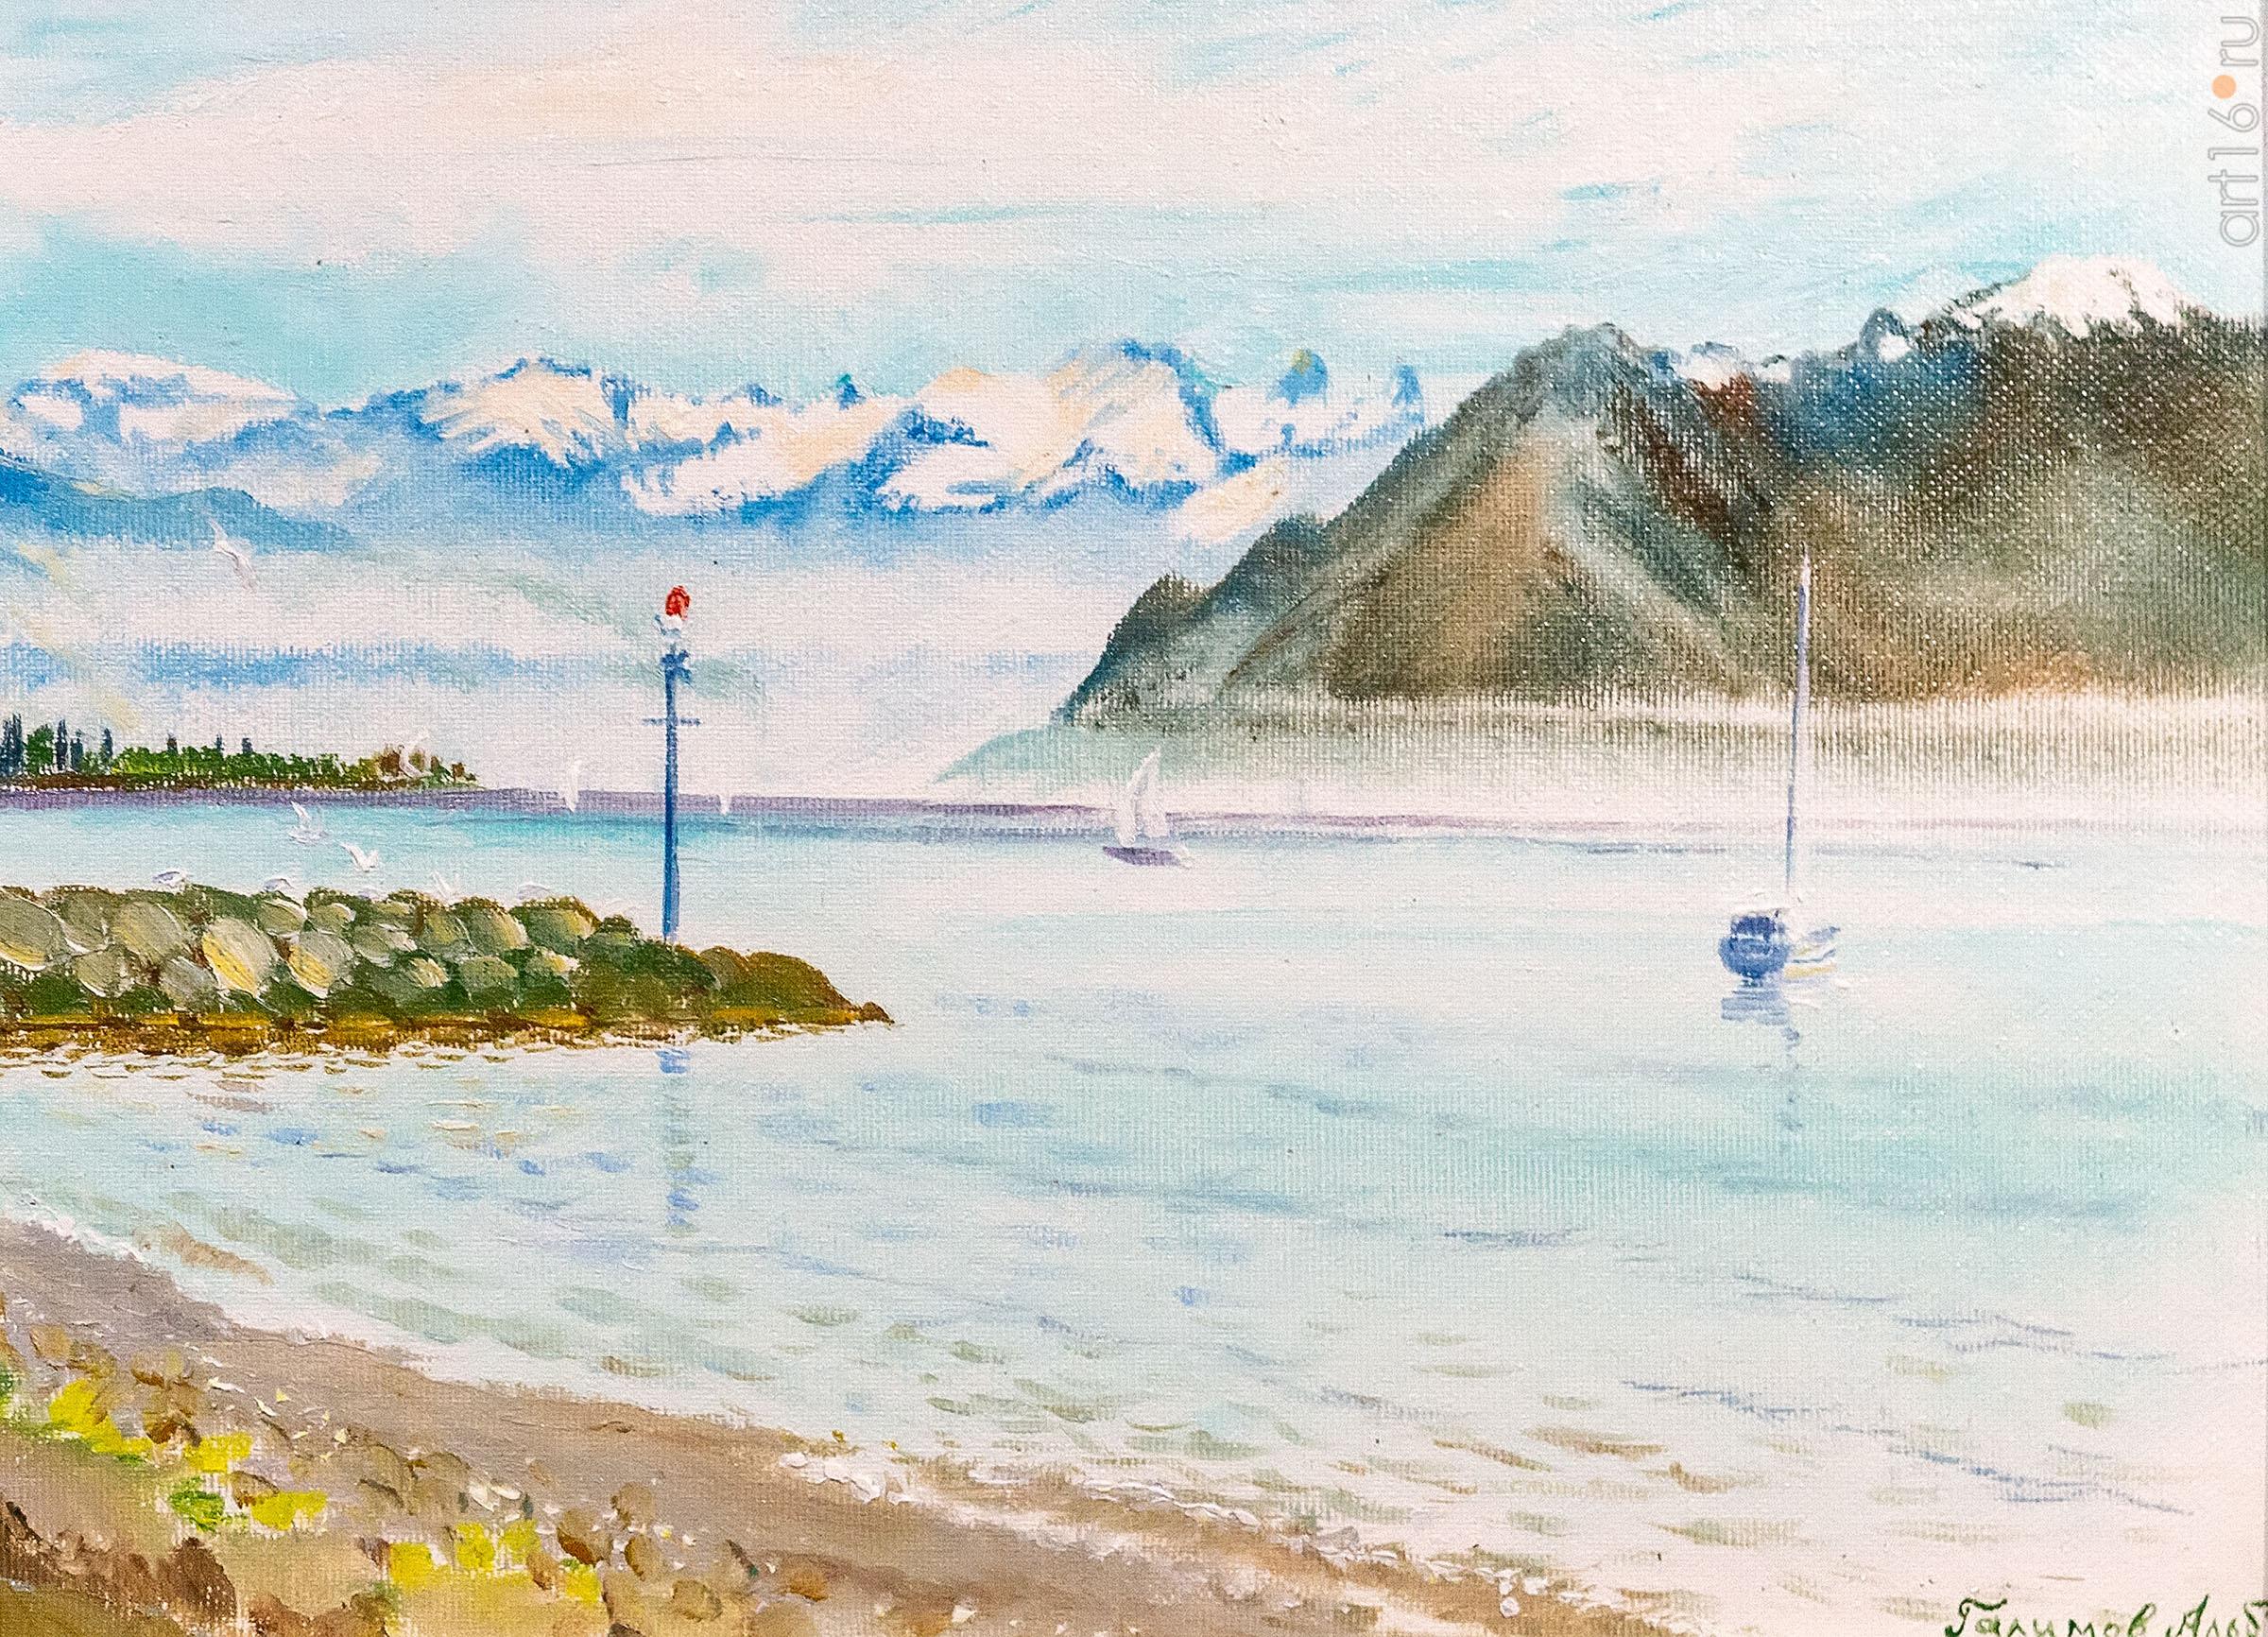 Женевское озеро. Туман в горах. 2017. Альберт Галимов::Альберт Галимов. Выставка «Швейцарские часы»